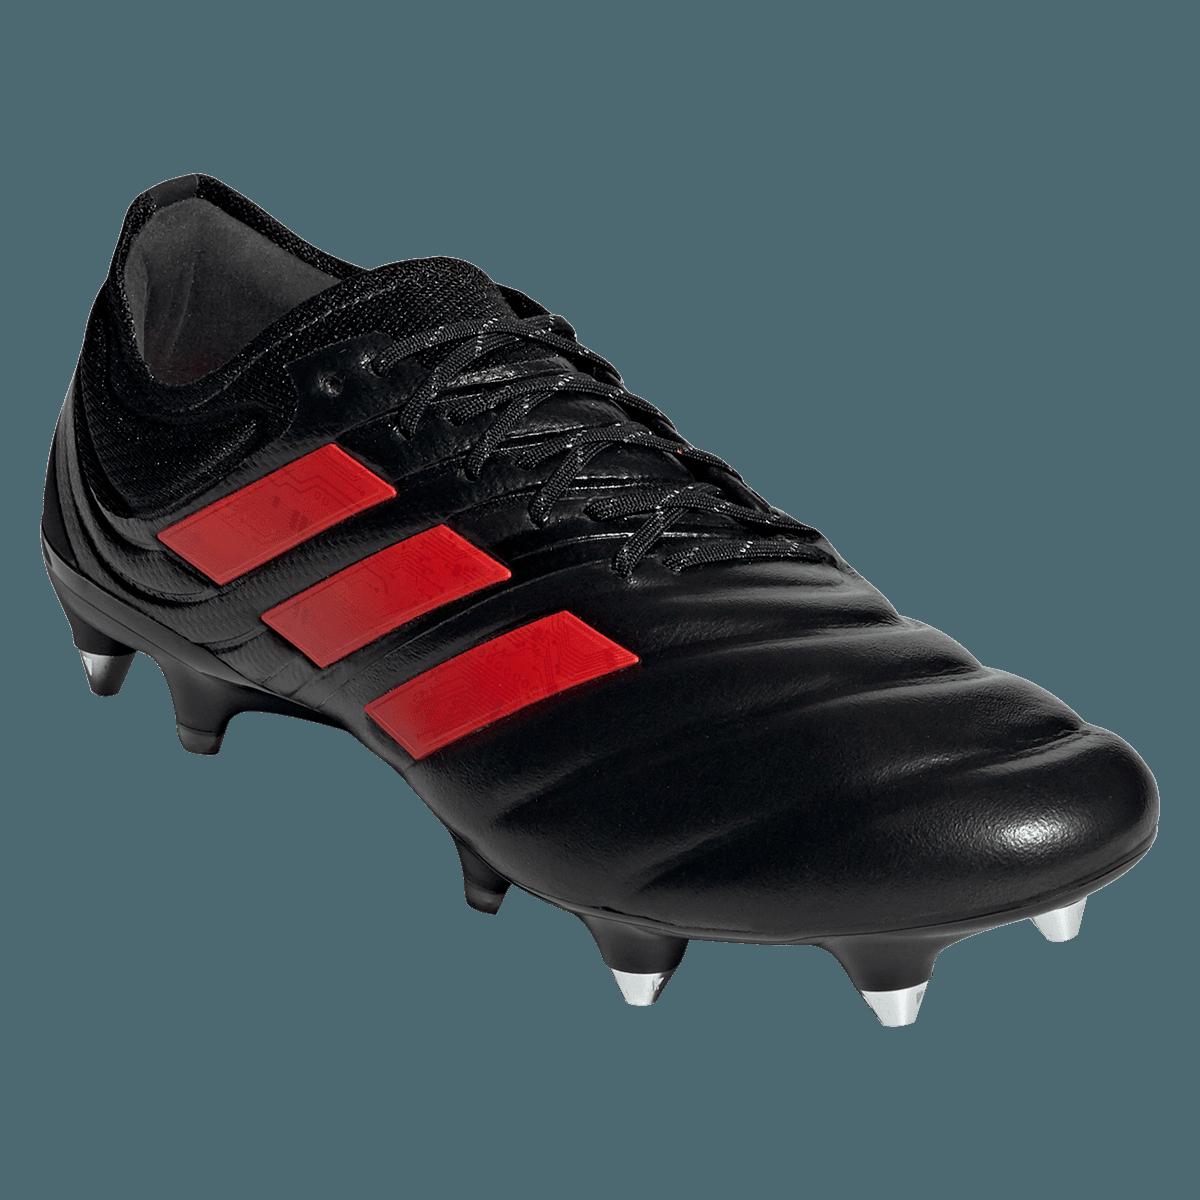 adidas Fußballschuh Copa 19.1 SG schwarzrot